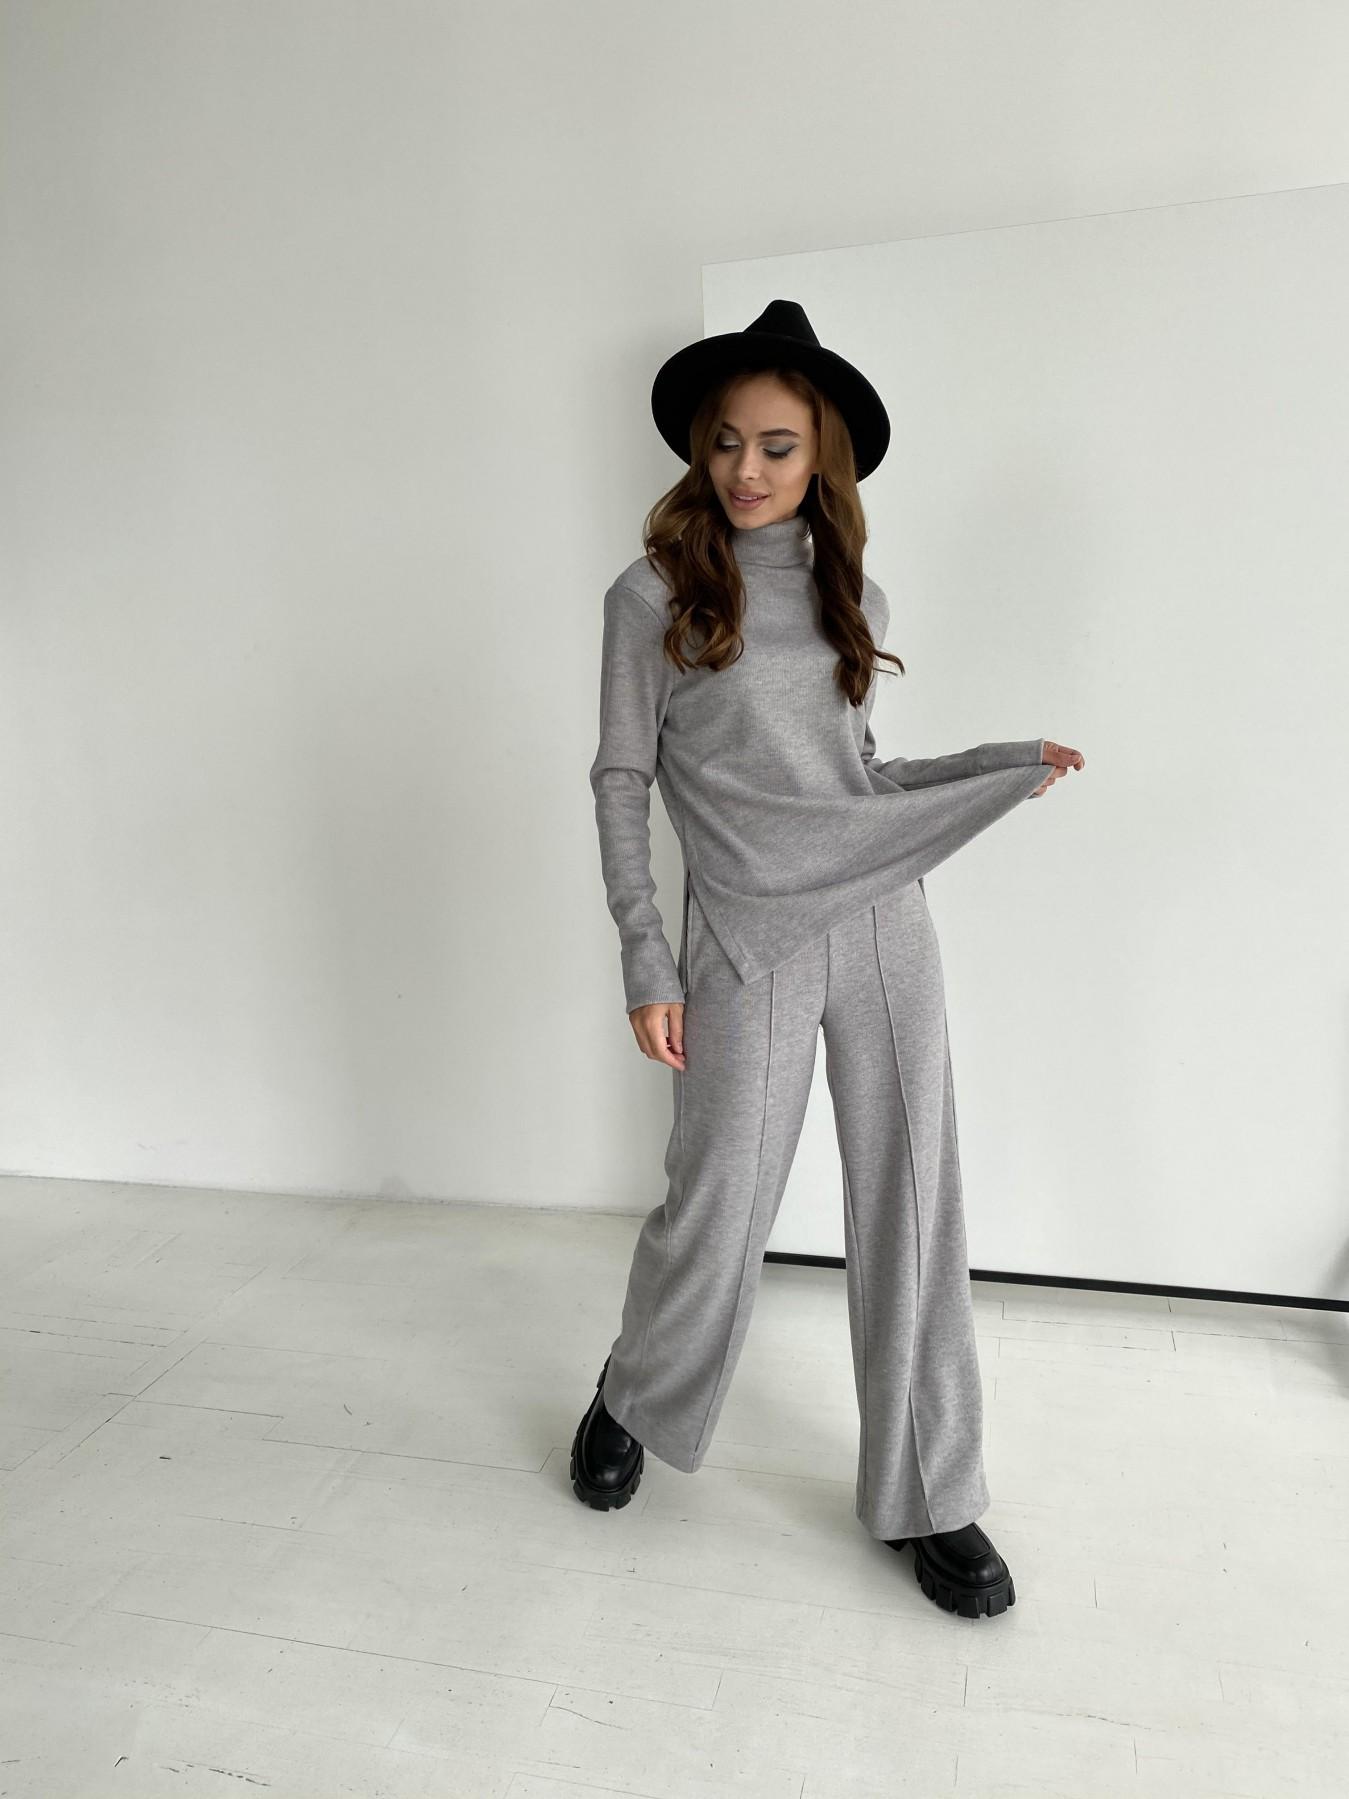 Эдем костюм из плотного трикотажа 11738 АРТ. 48444 Цвет: Серый - фото 2, интернет магазин tm-modus.ru